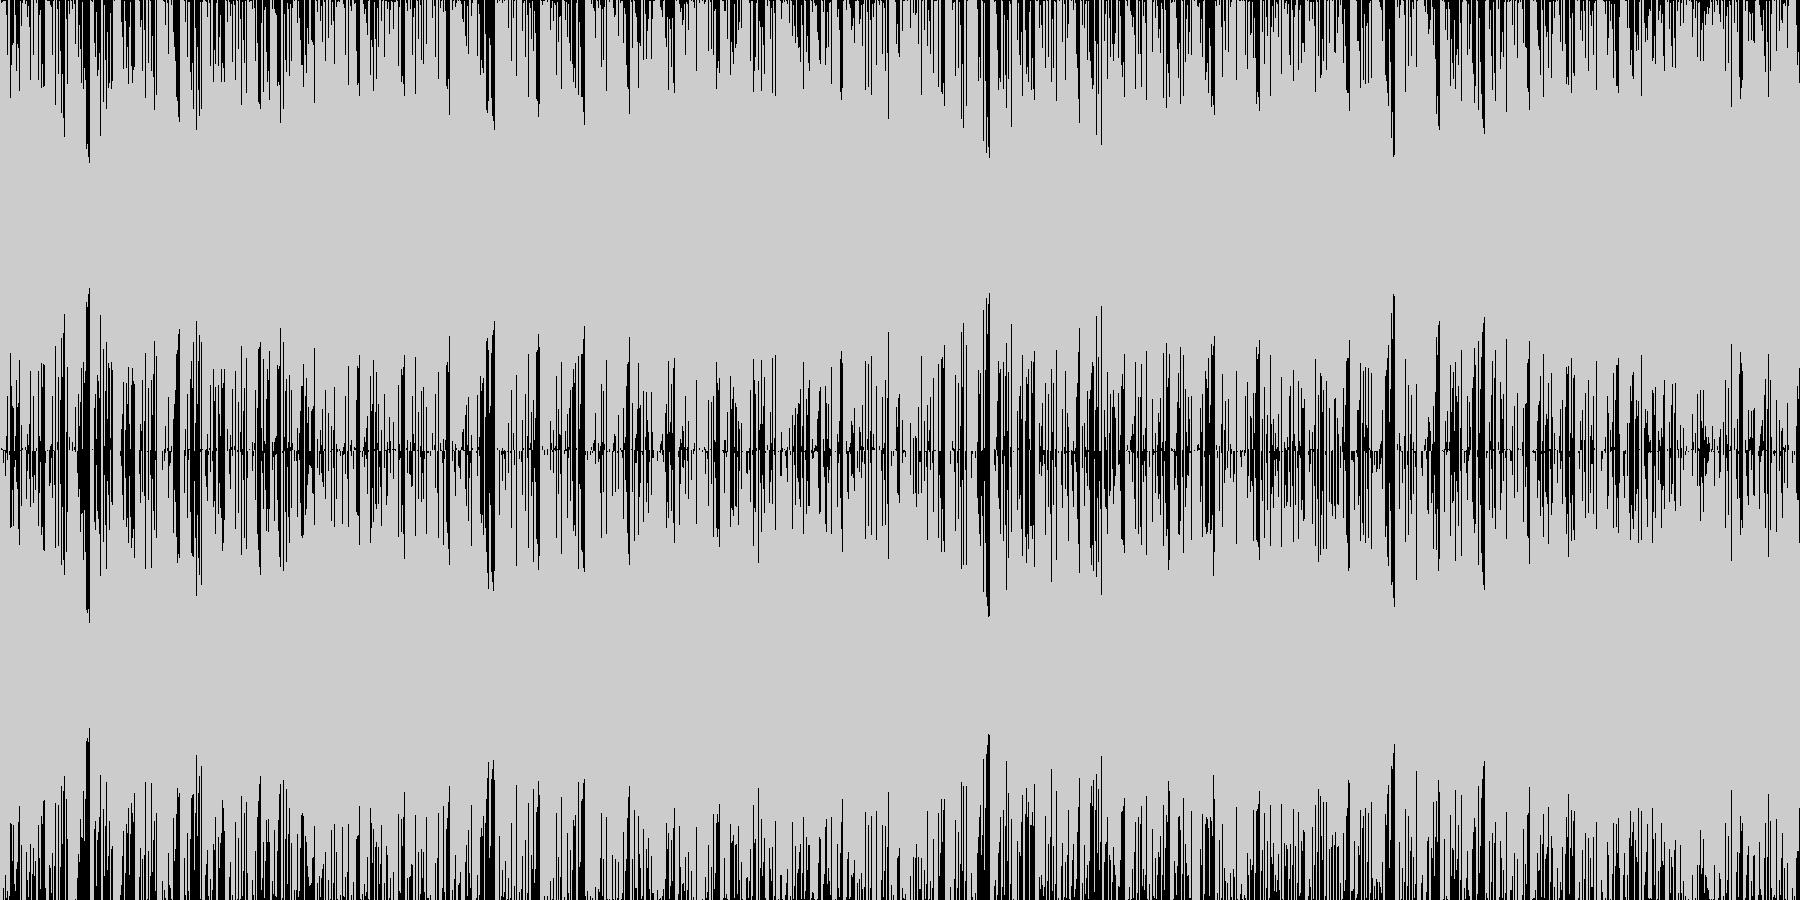 ループ使用可能な戦闘曲です。パズルゲー…の未再生の波形